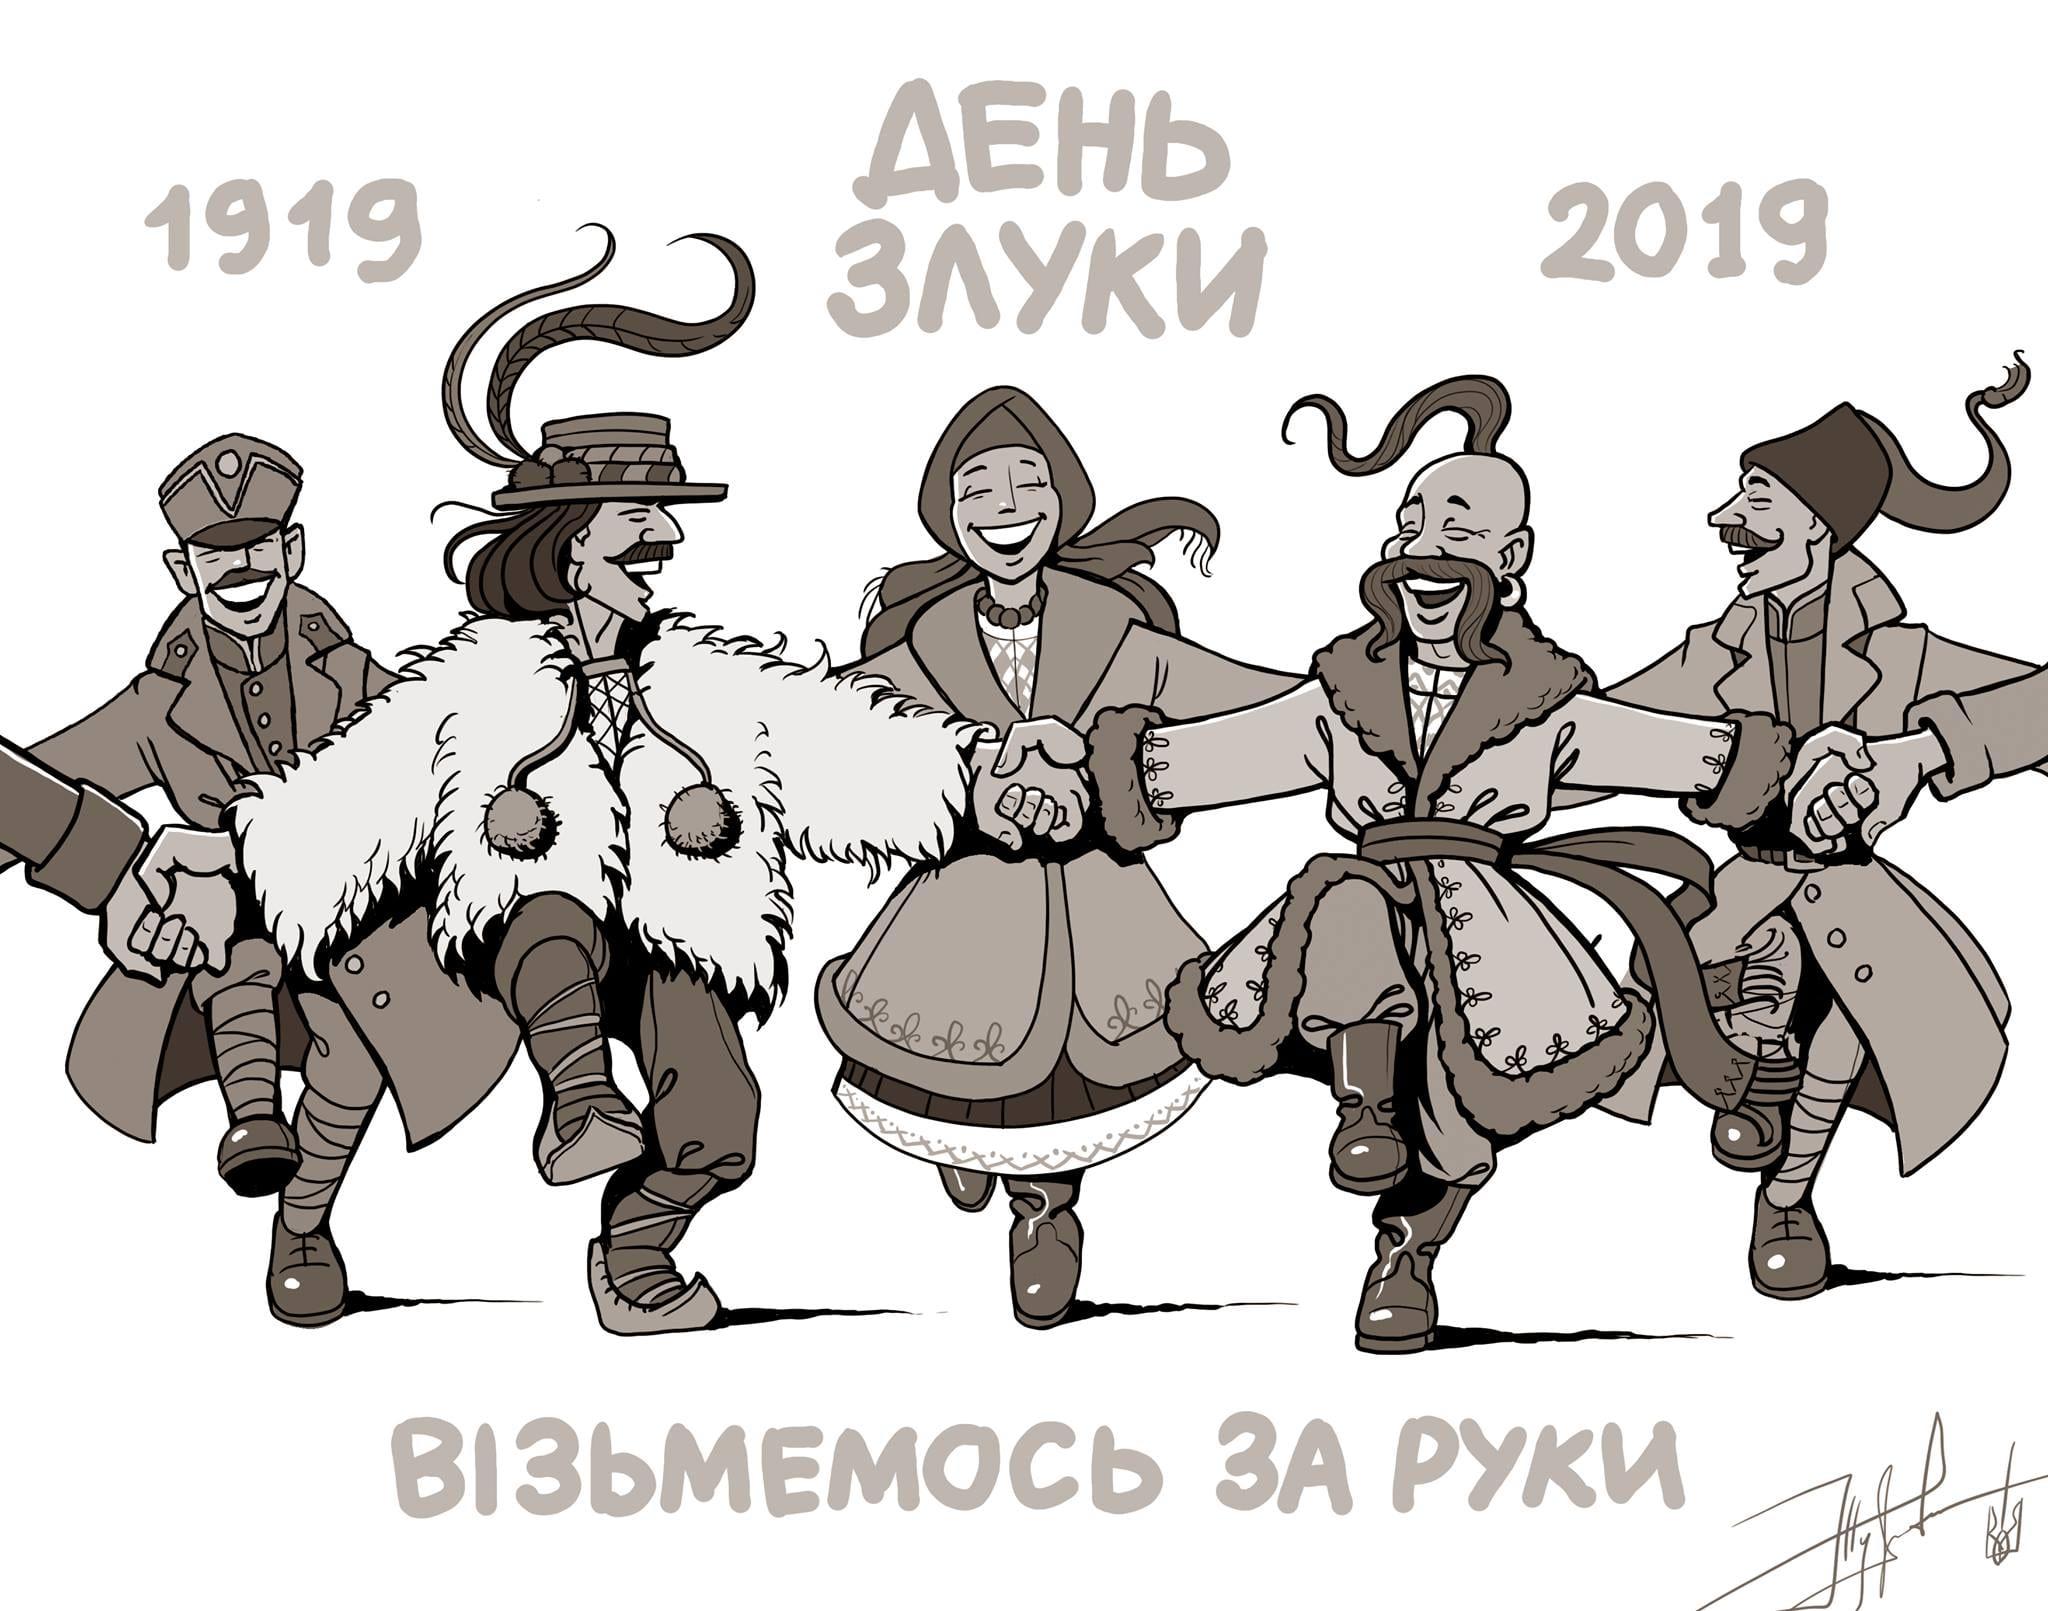 Ілюстрація: Юрій Журавель https://www.facebook.com/yuriy.zhuravel